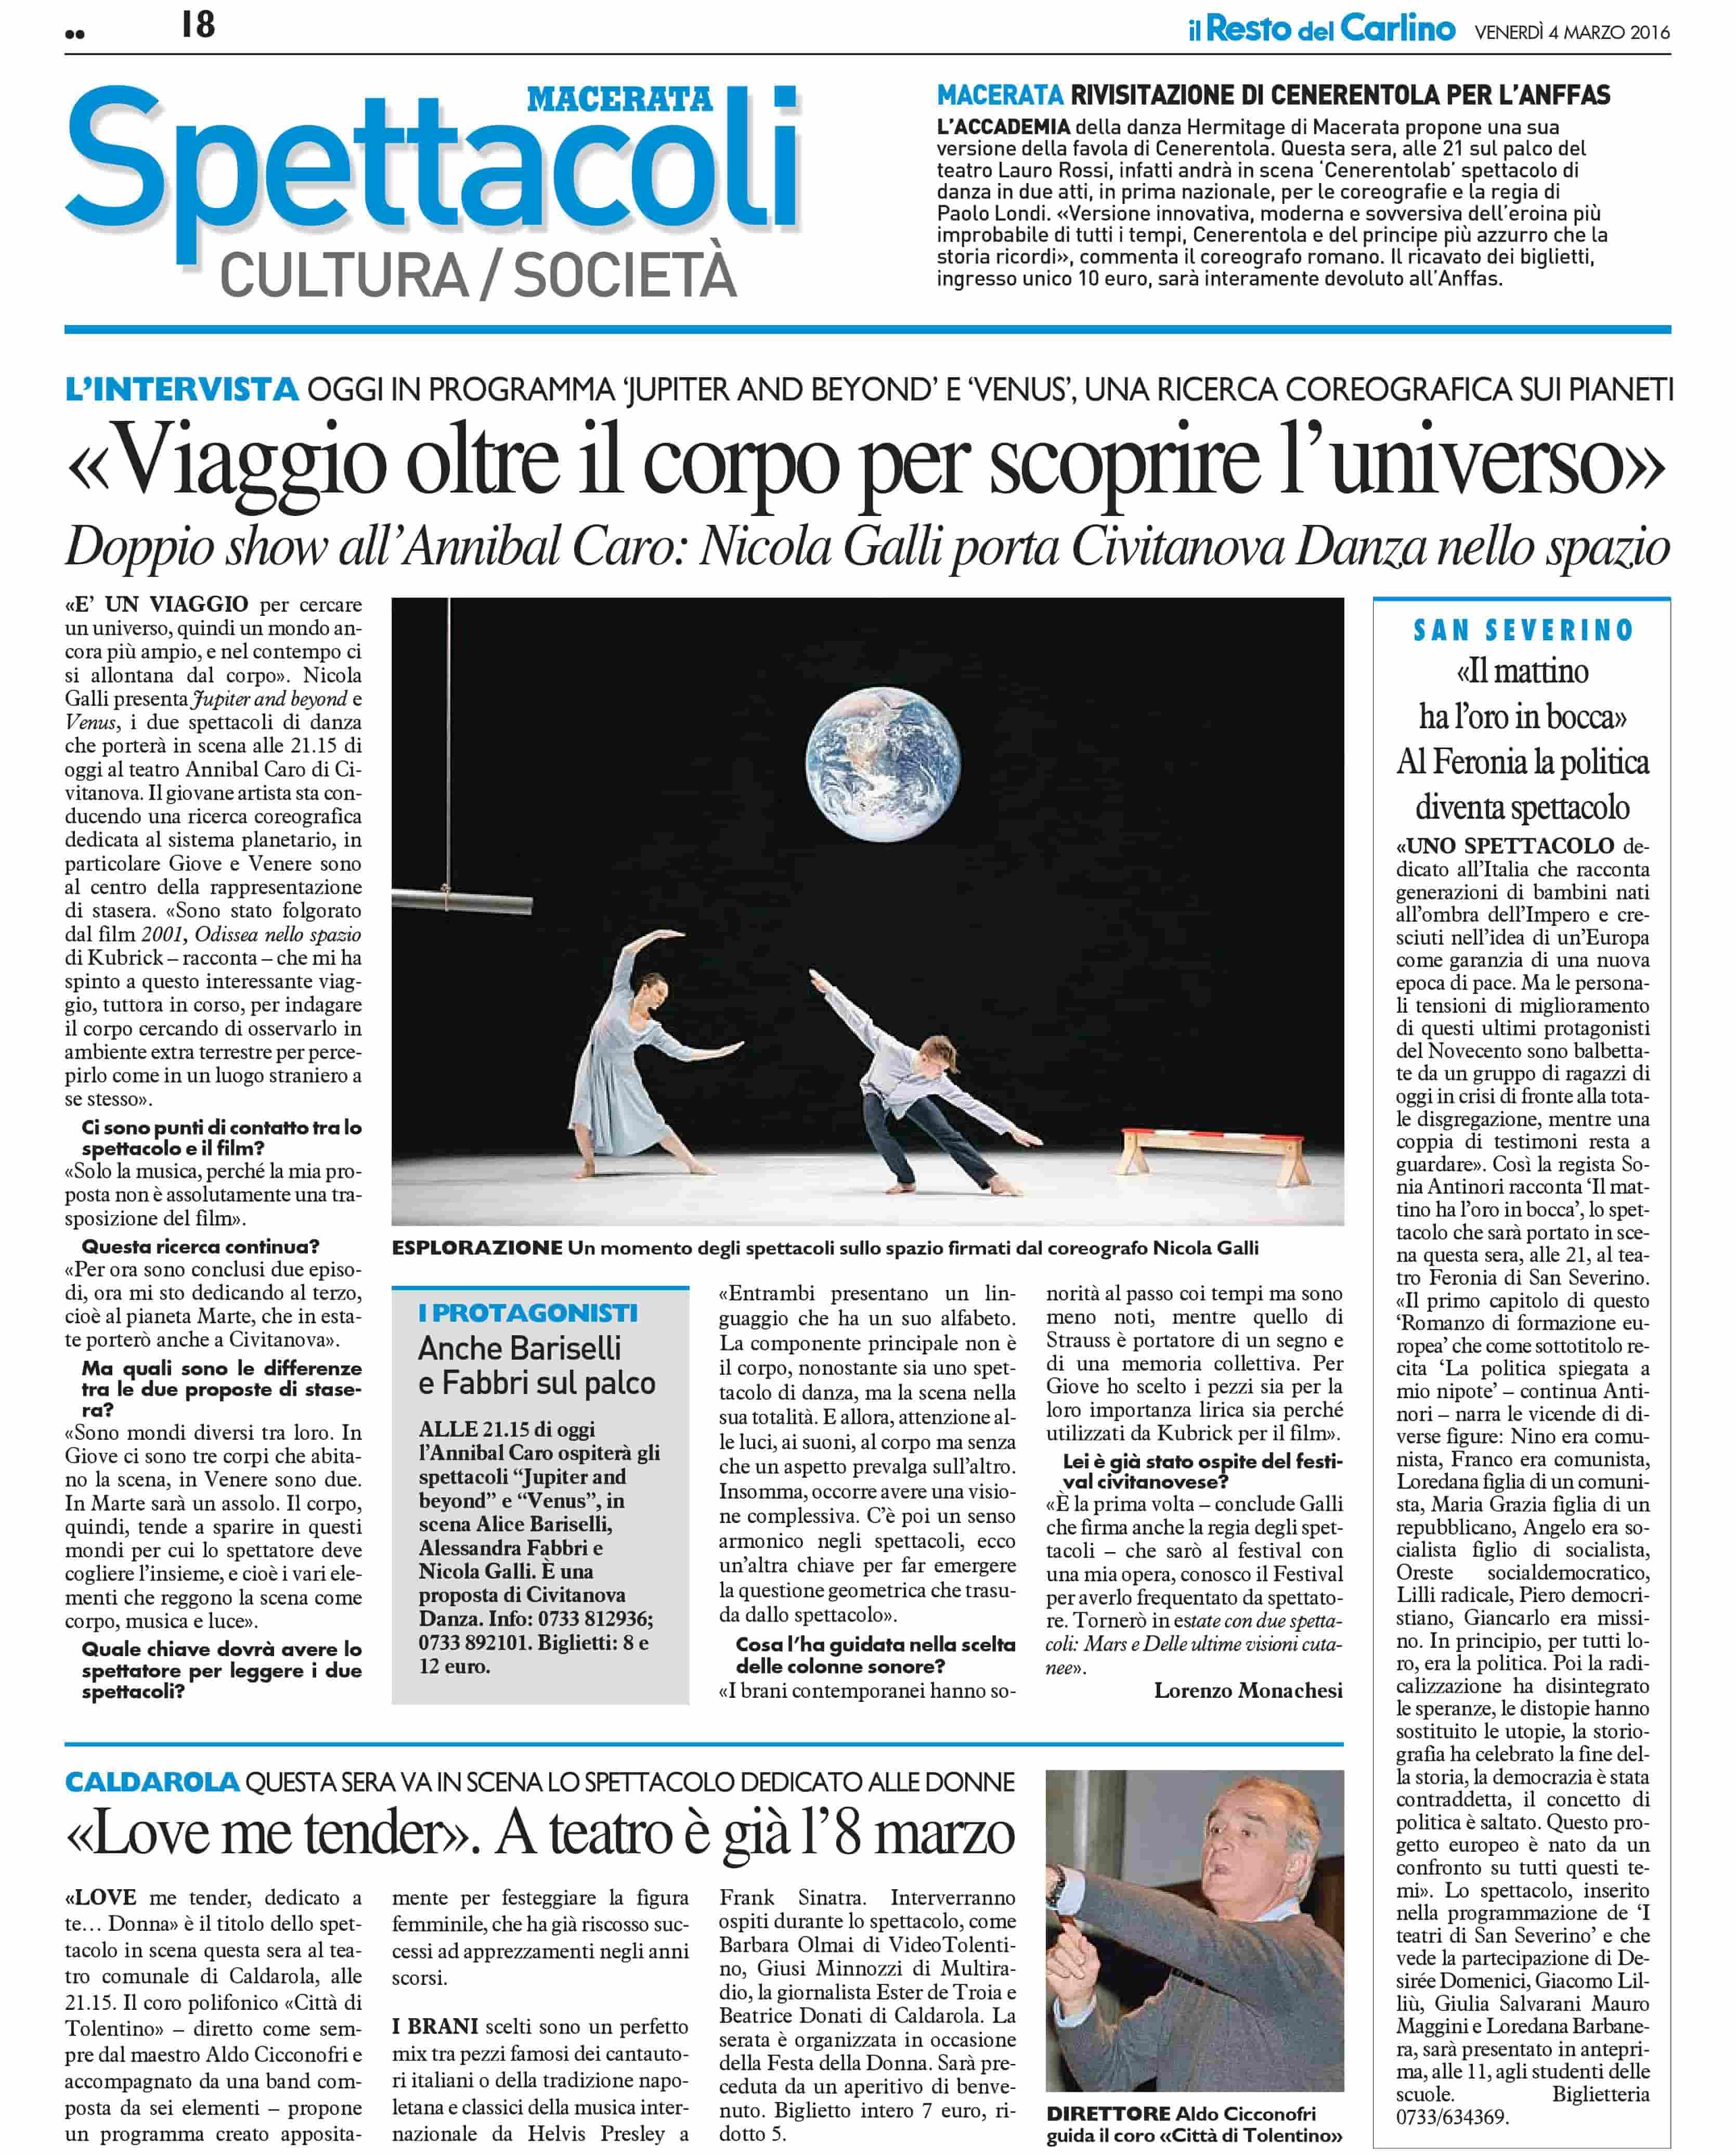 Intervista / Nicola Galli / jupiter_beyond / Venus / Il Resto del Carlino - Macerata 2016